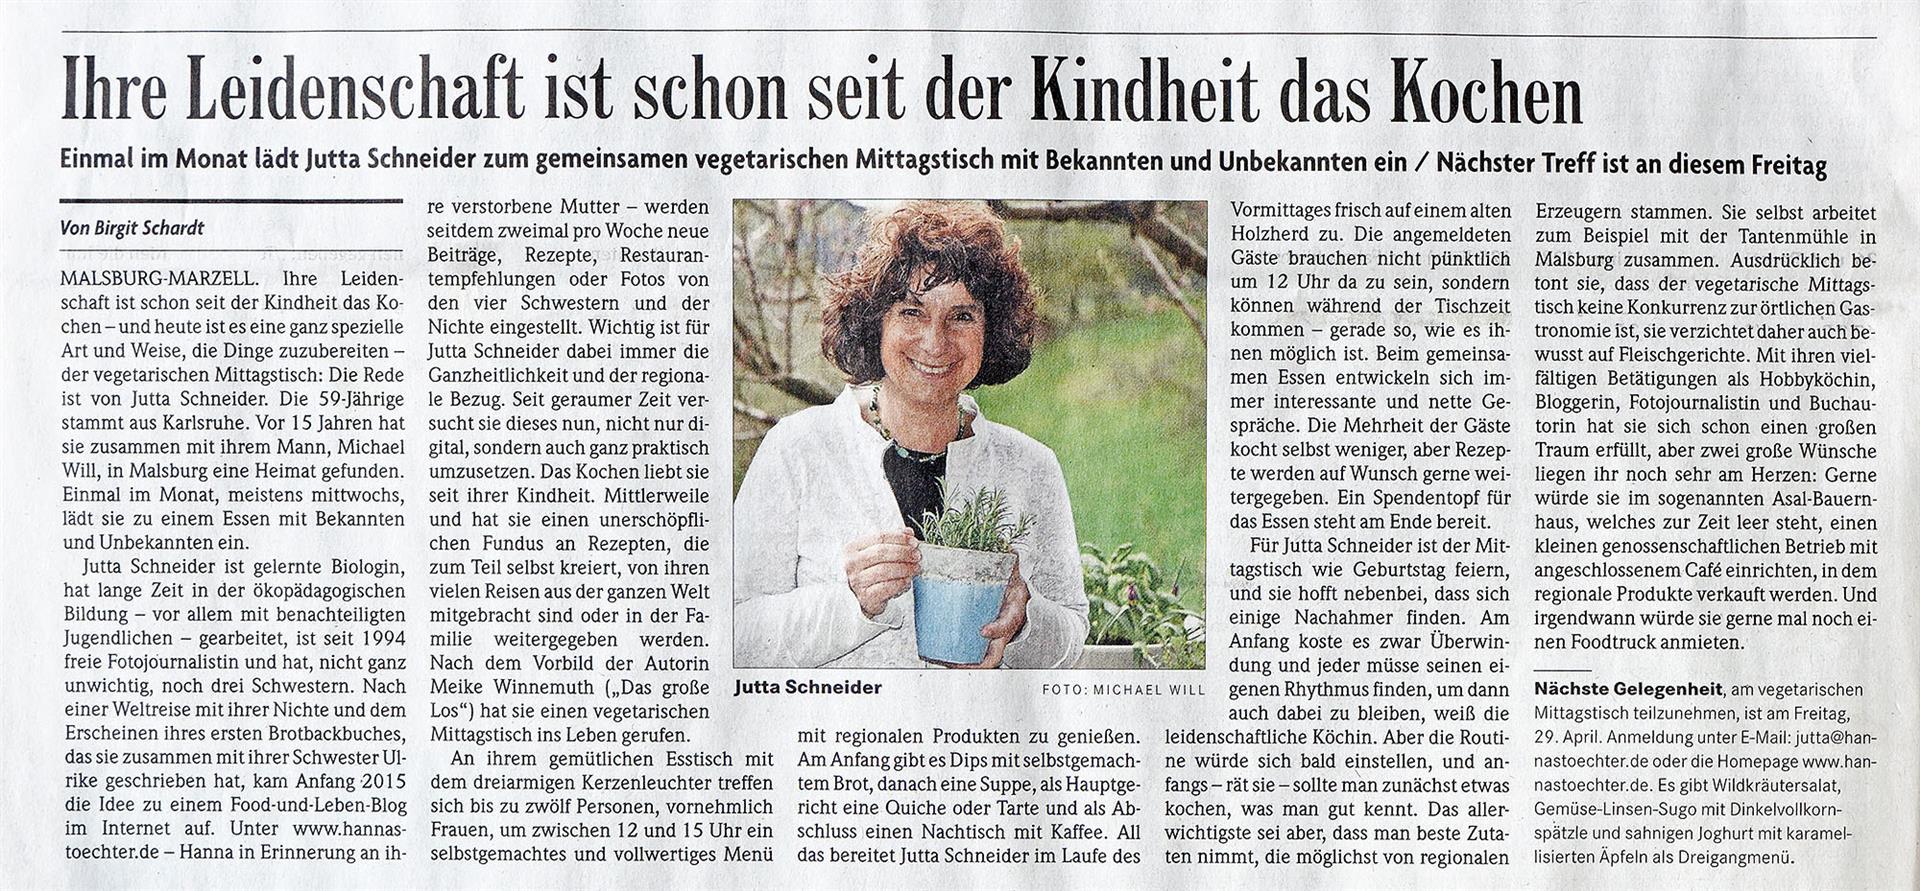 Text und Foto von Birgit Schardt